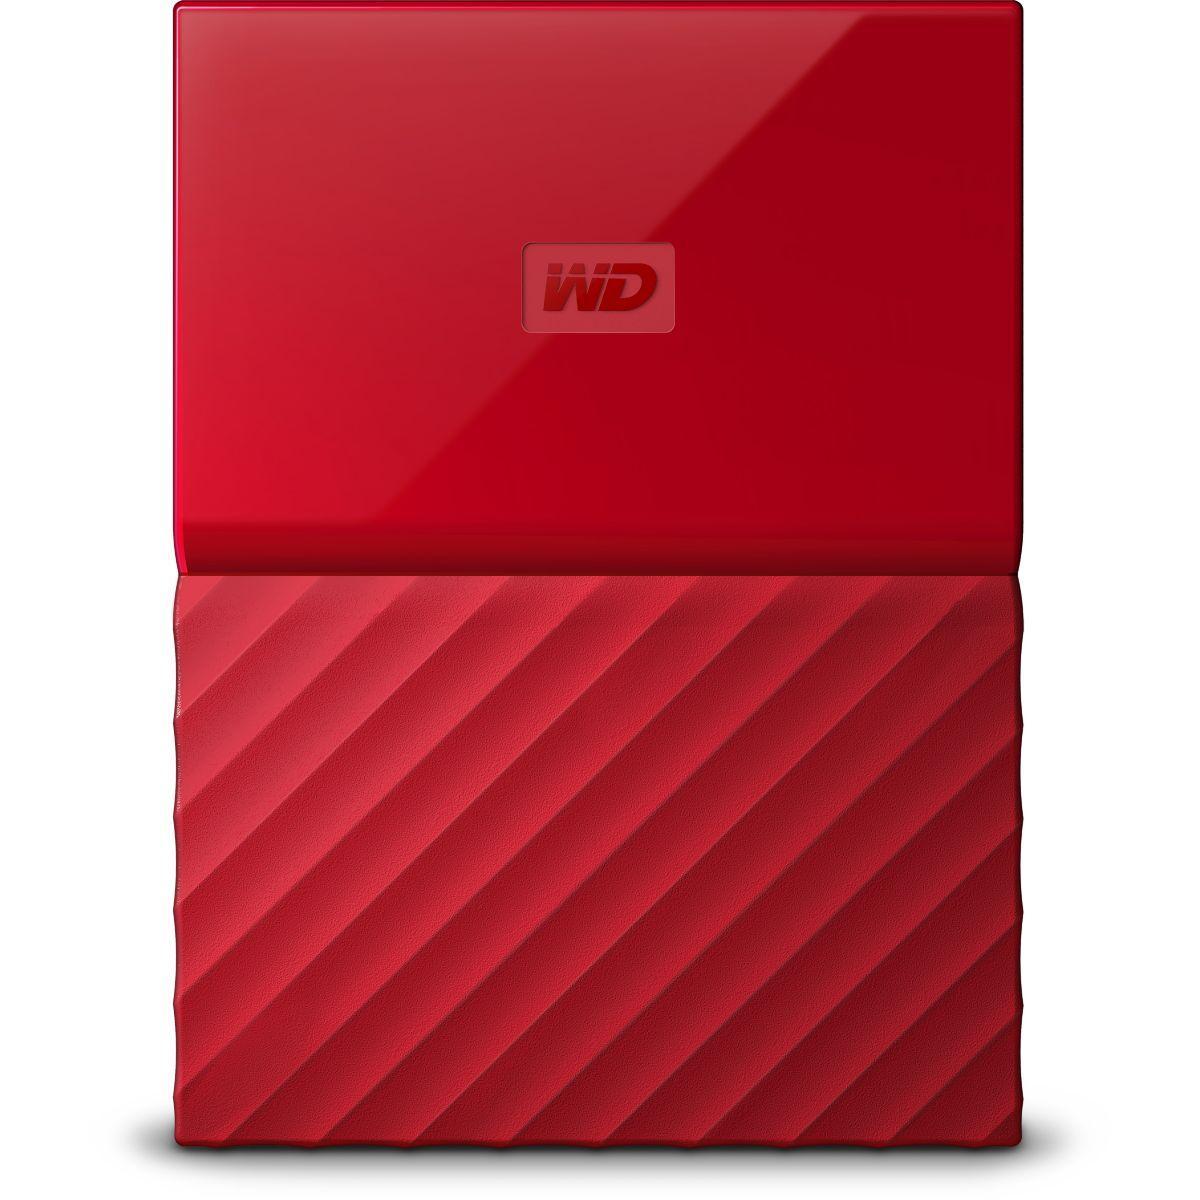 Disque wd 2,5'' 1 to my passport rouge n - 3% de remise immédiate avec le code : multi3